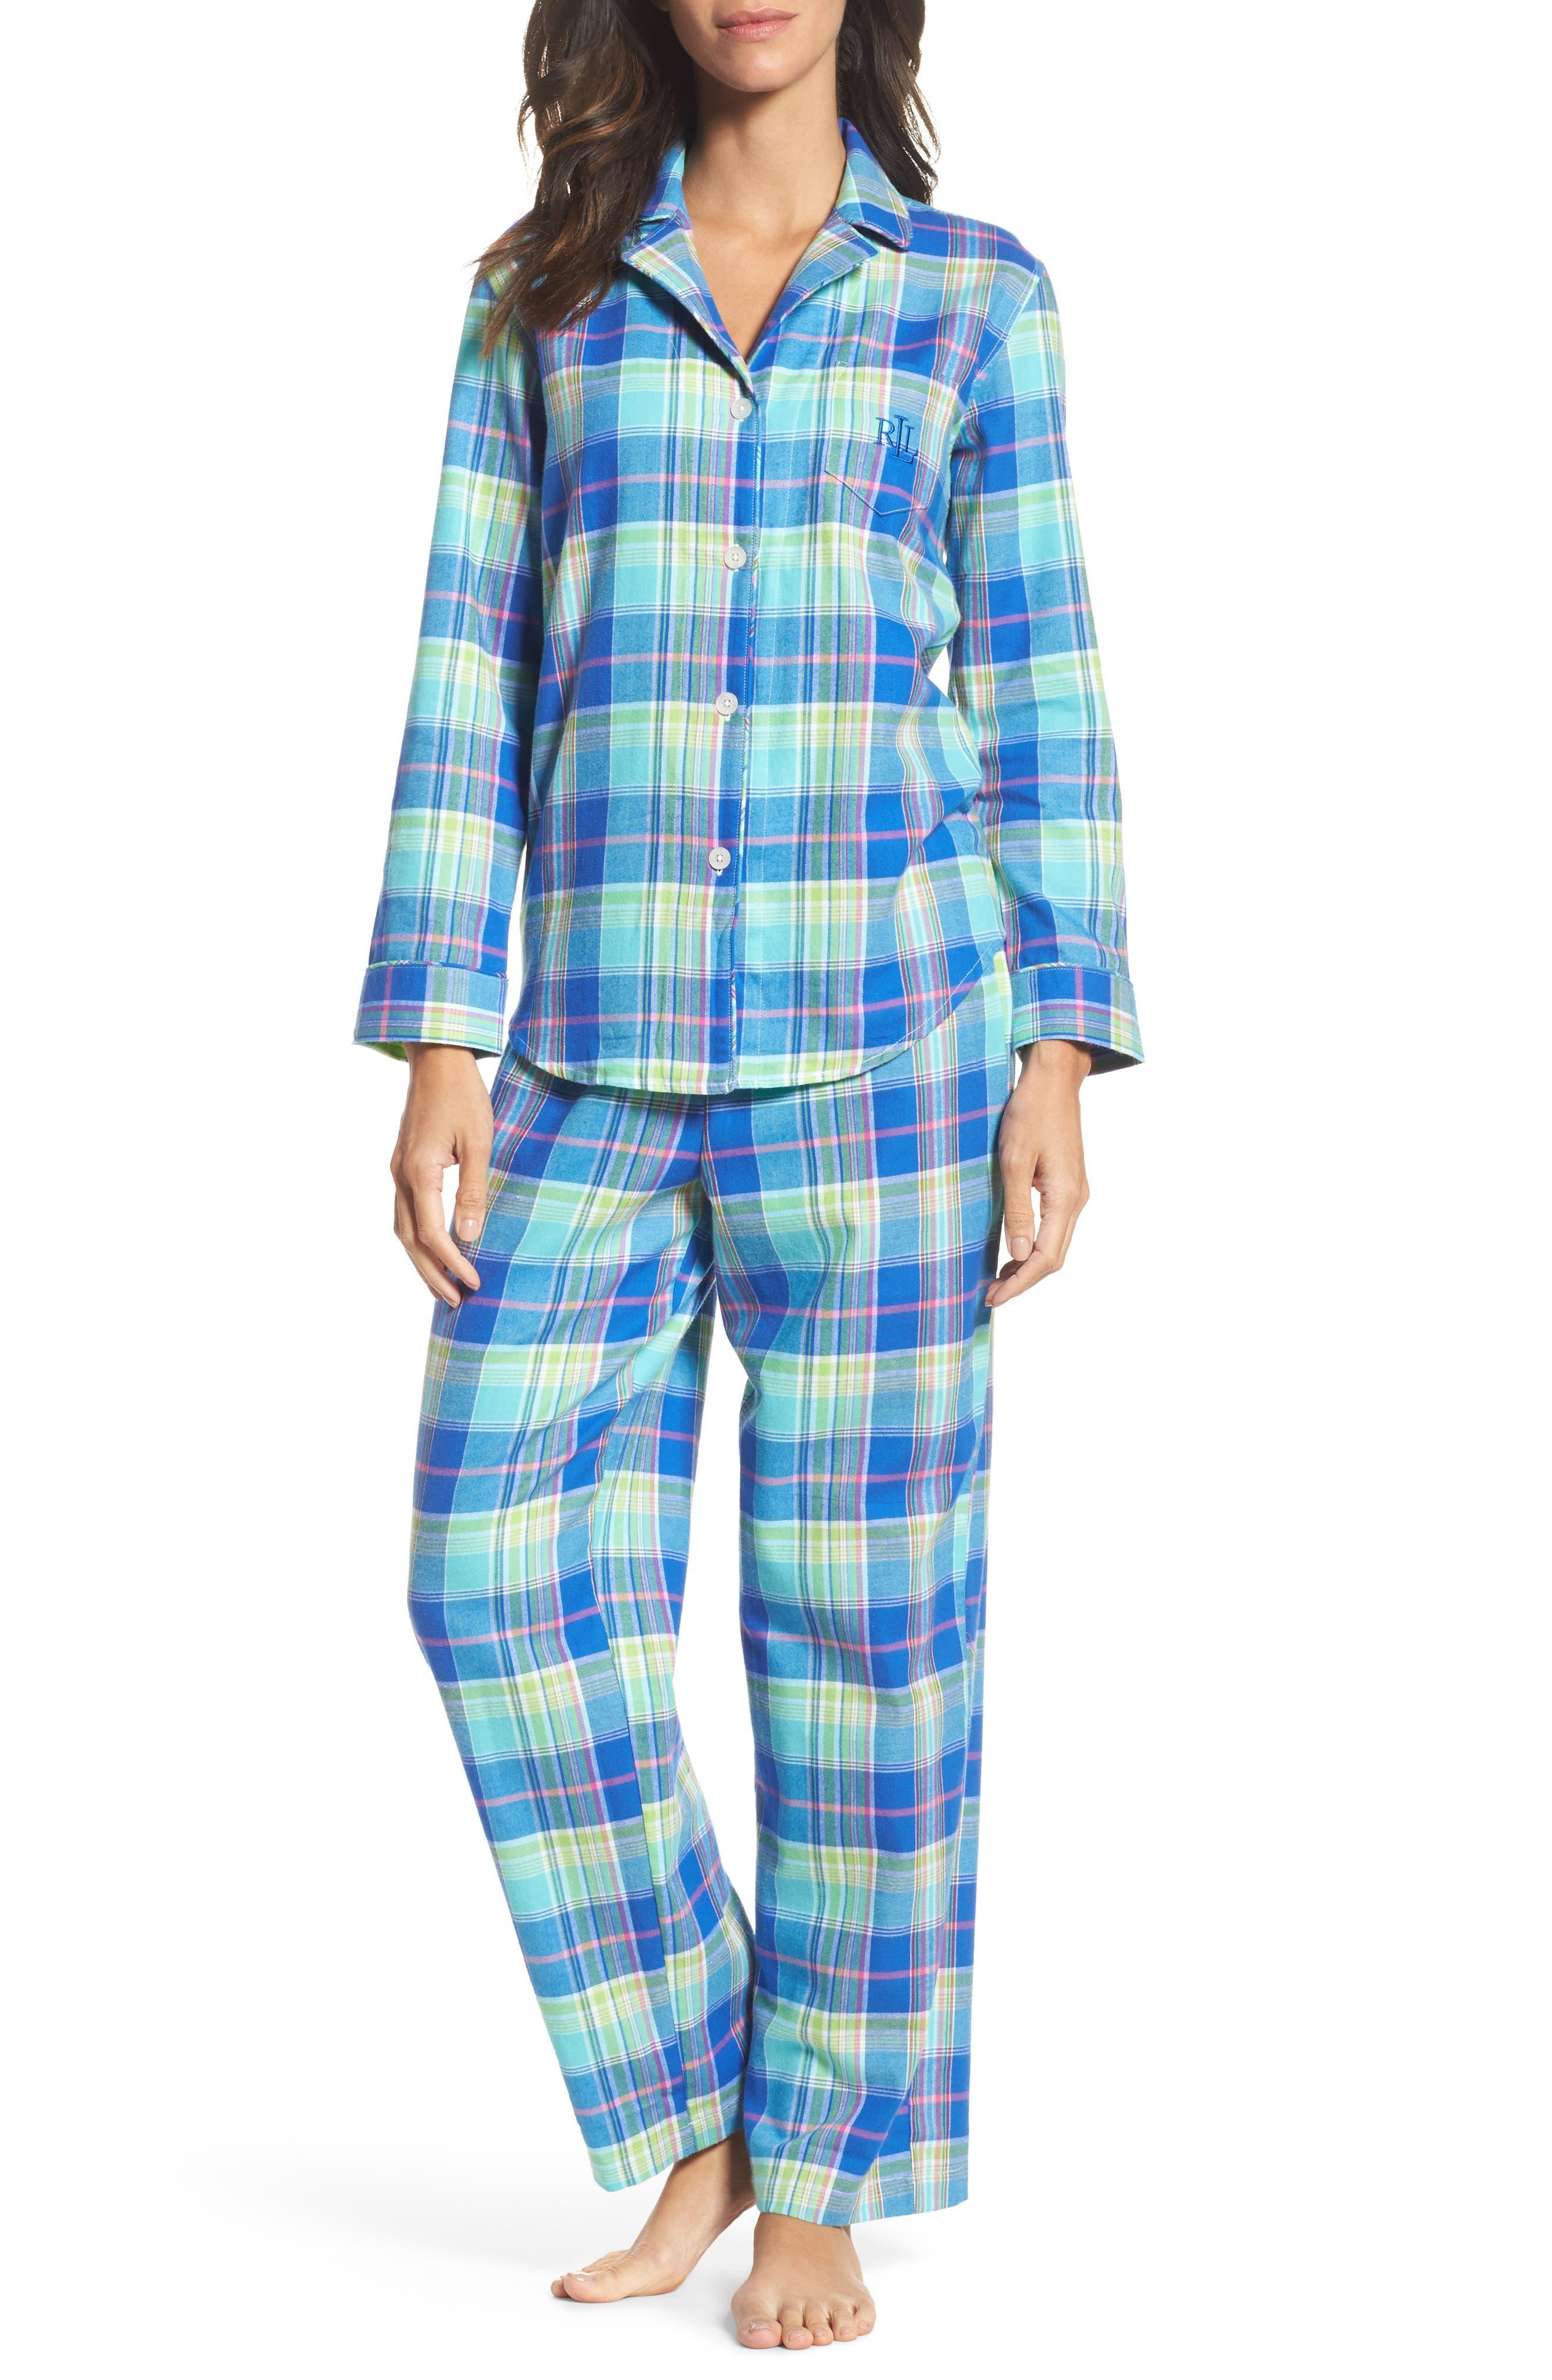 Notch Collar Pajamas,                         Main,                         color, Turquoise Multi Plaid